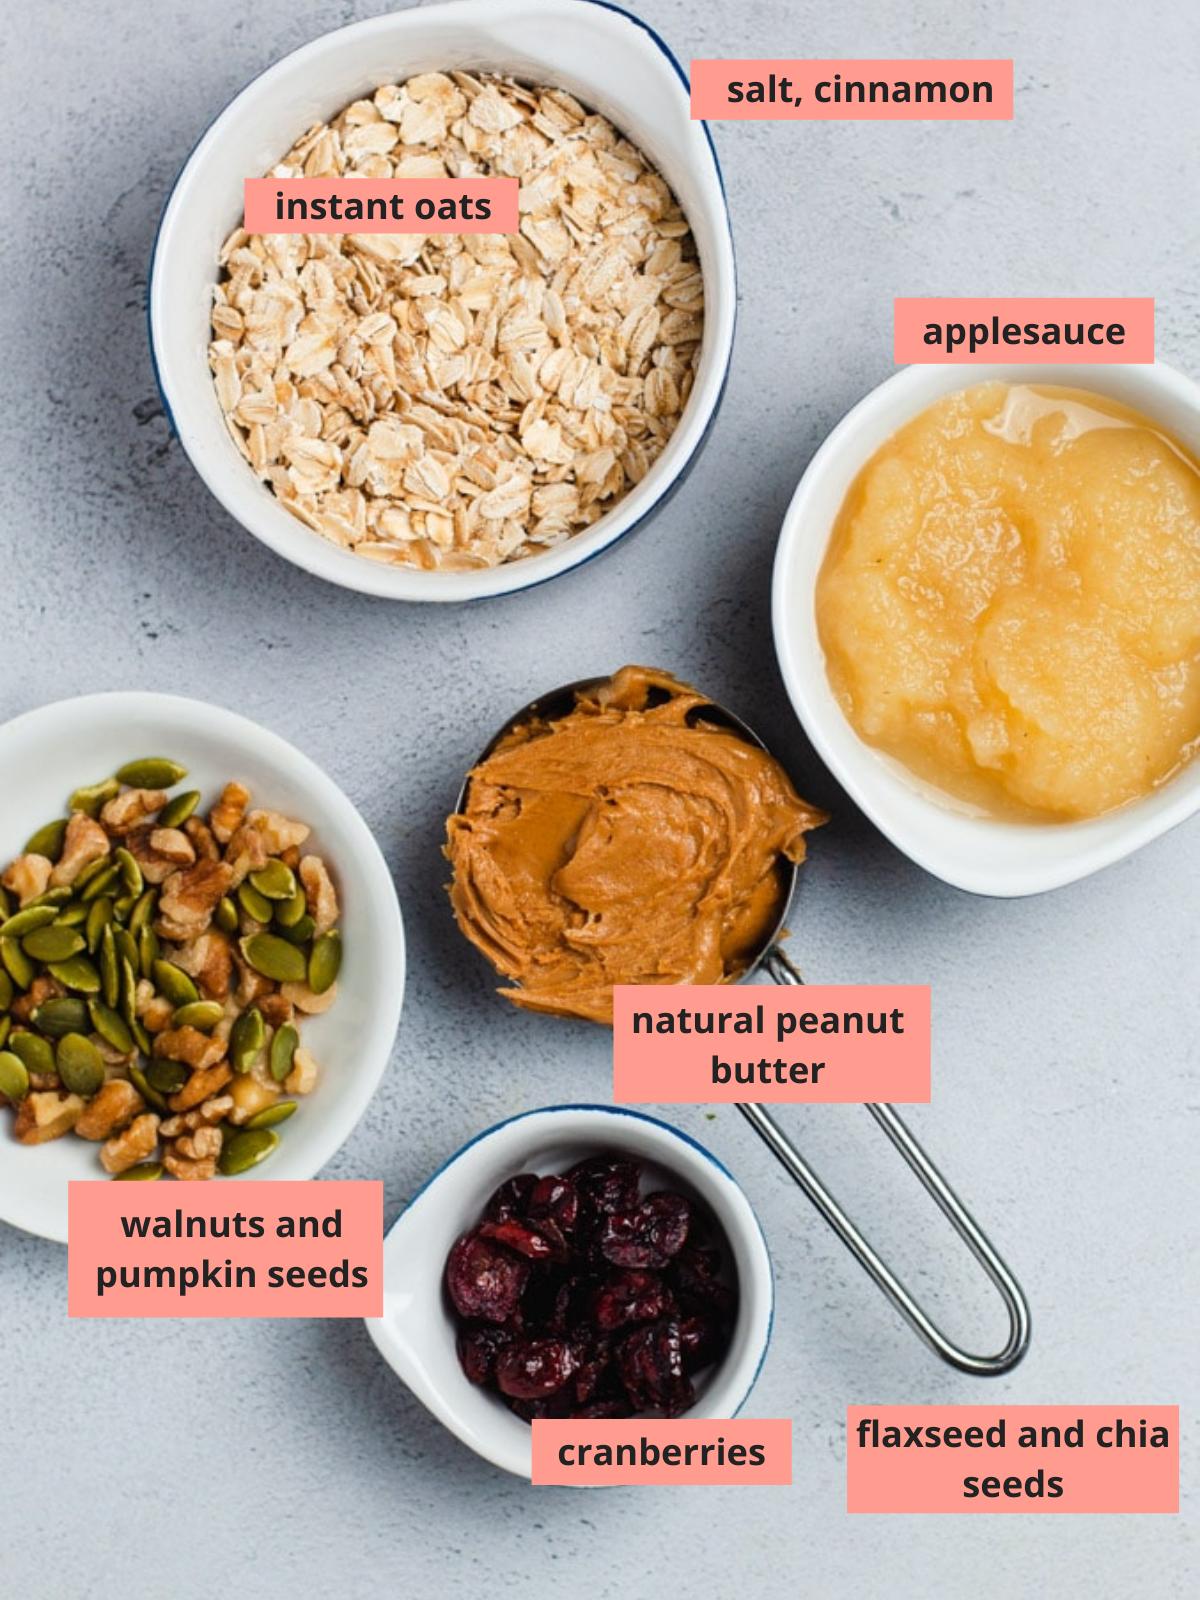 Labeled ingredients used to make breakfast cookies